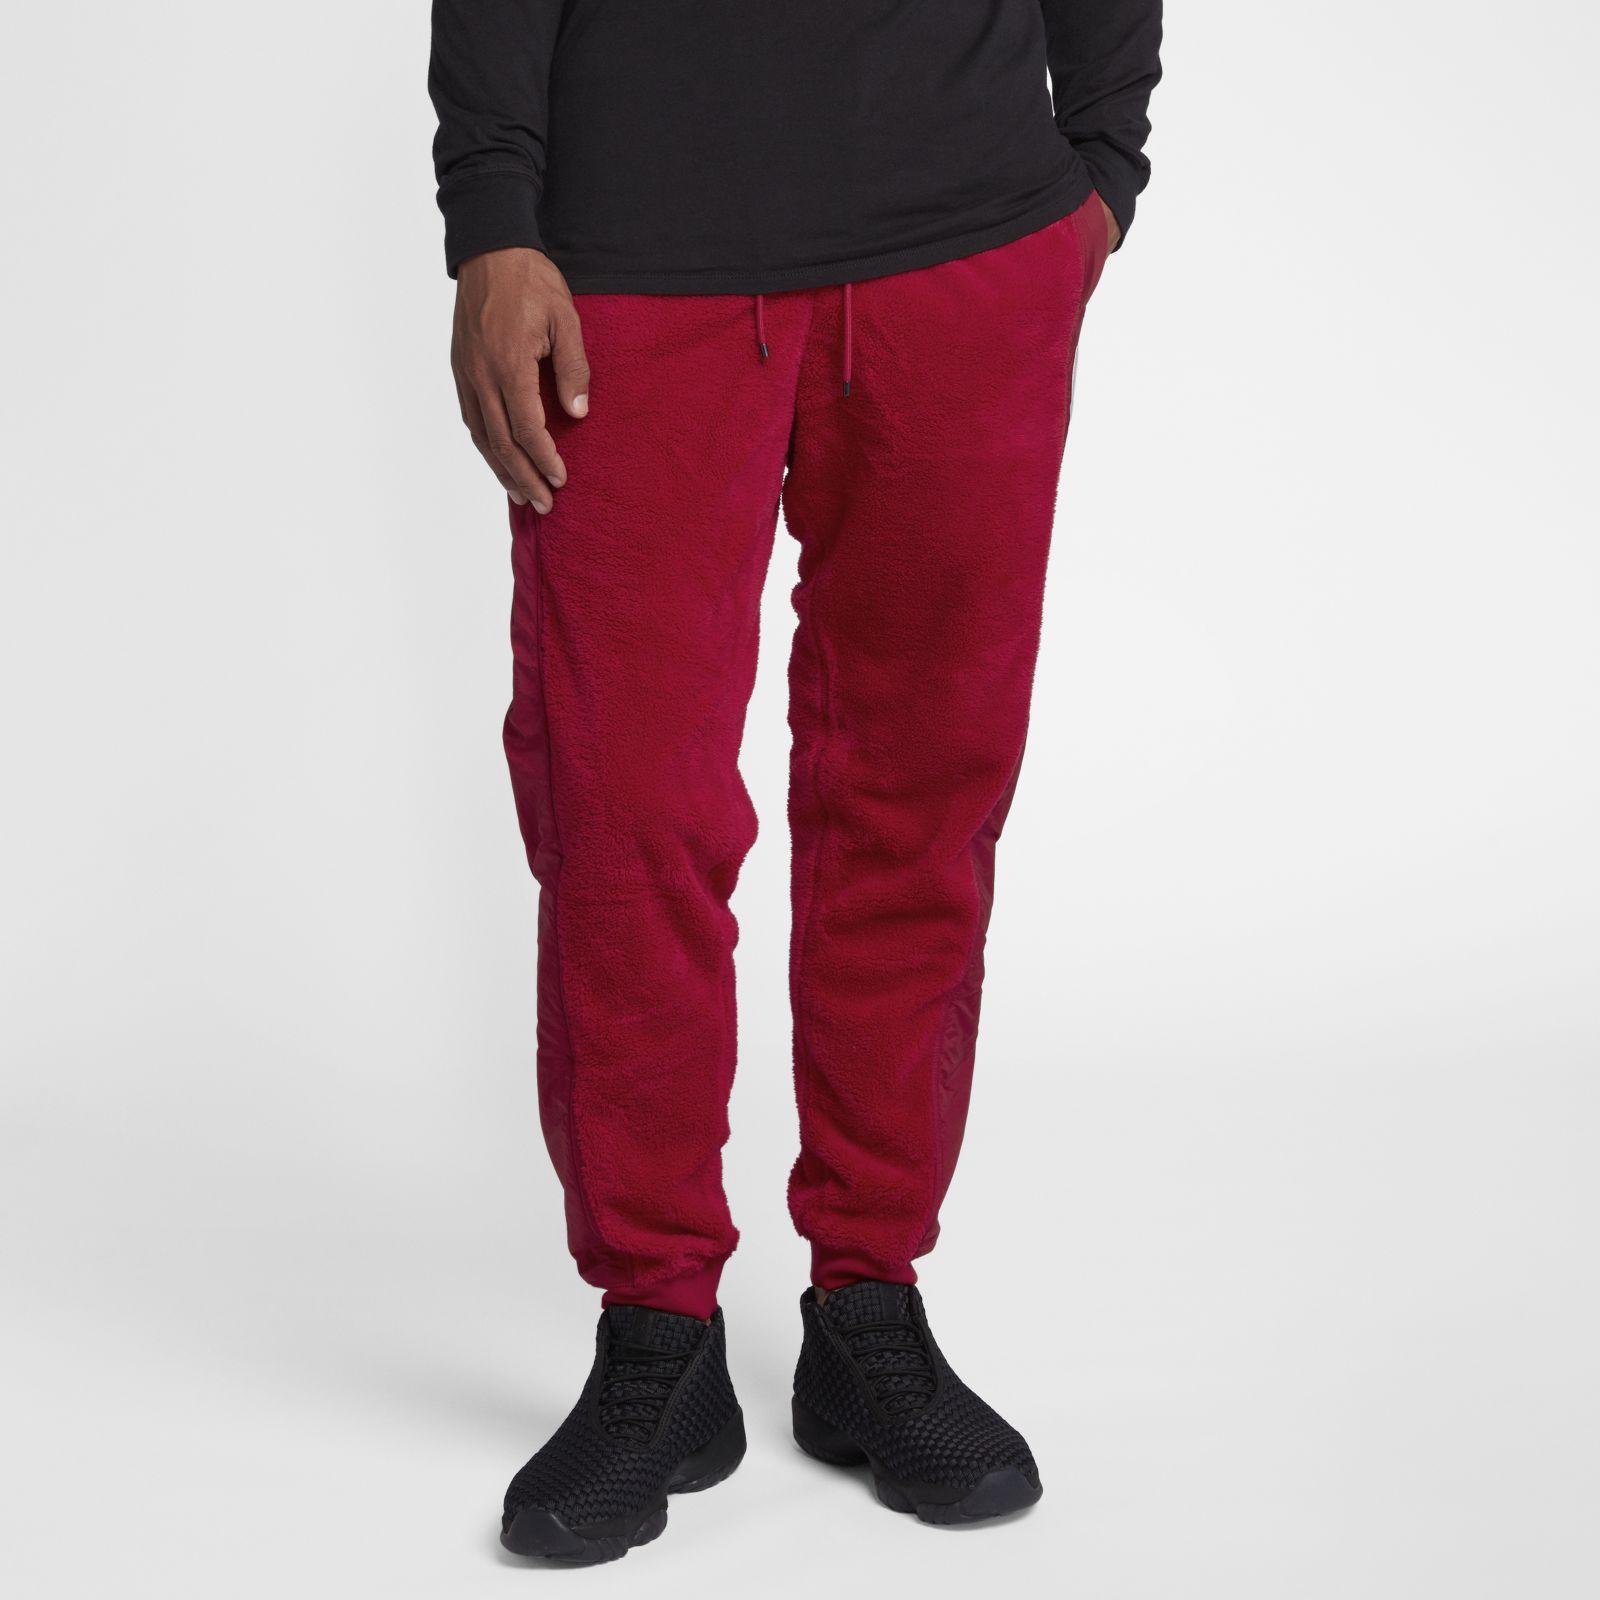 e5f5873914653a Jordan Sportswear Wings Of Flight Fleece Pants - SPORTING GOODS Sports Pants  - Superfanas.lt